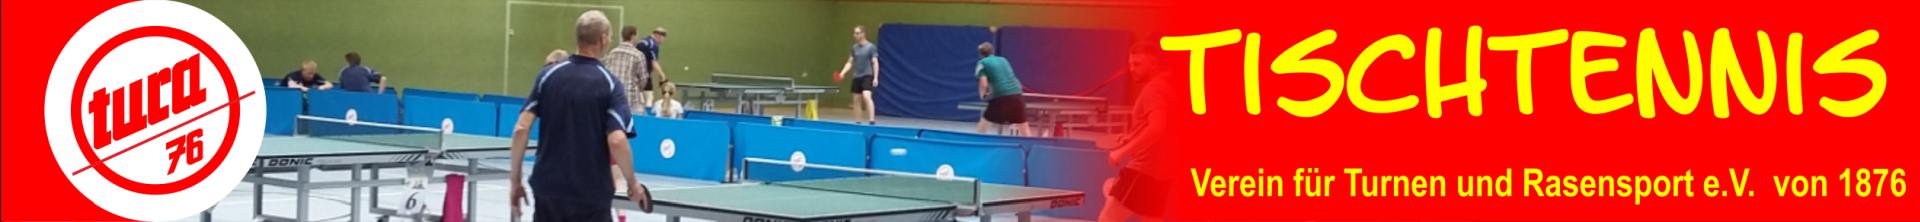 Homepage der Tischtennisabteilung von TURA76 Oldenburg